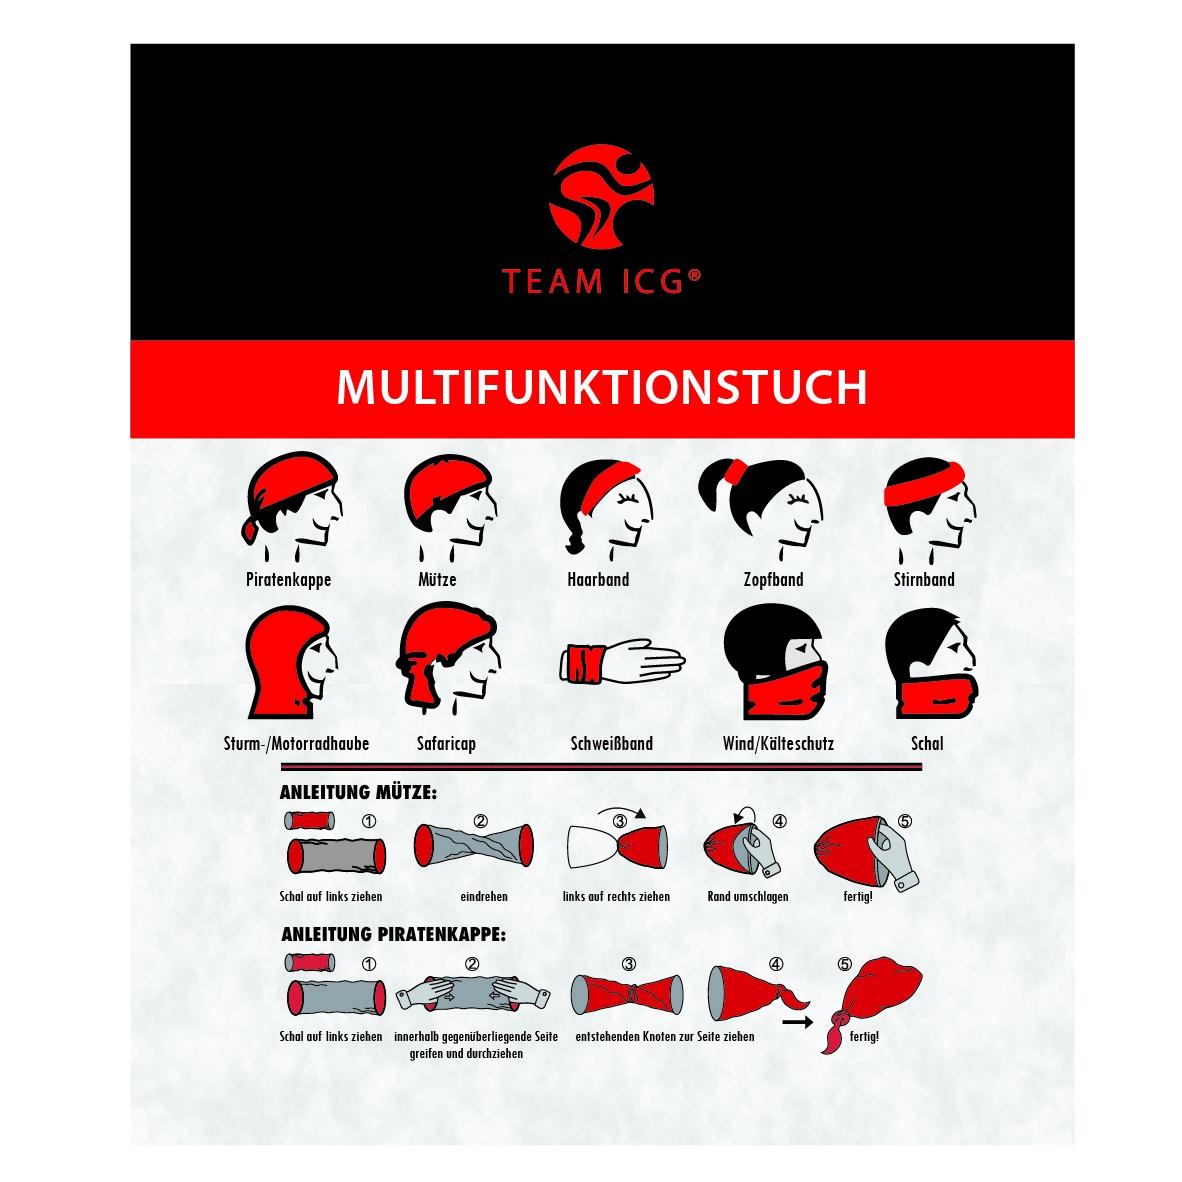 multifunktionstuch team icg indoorcycling shop. Black Bedroom Furniture Sets. Home Design Ideas